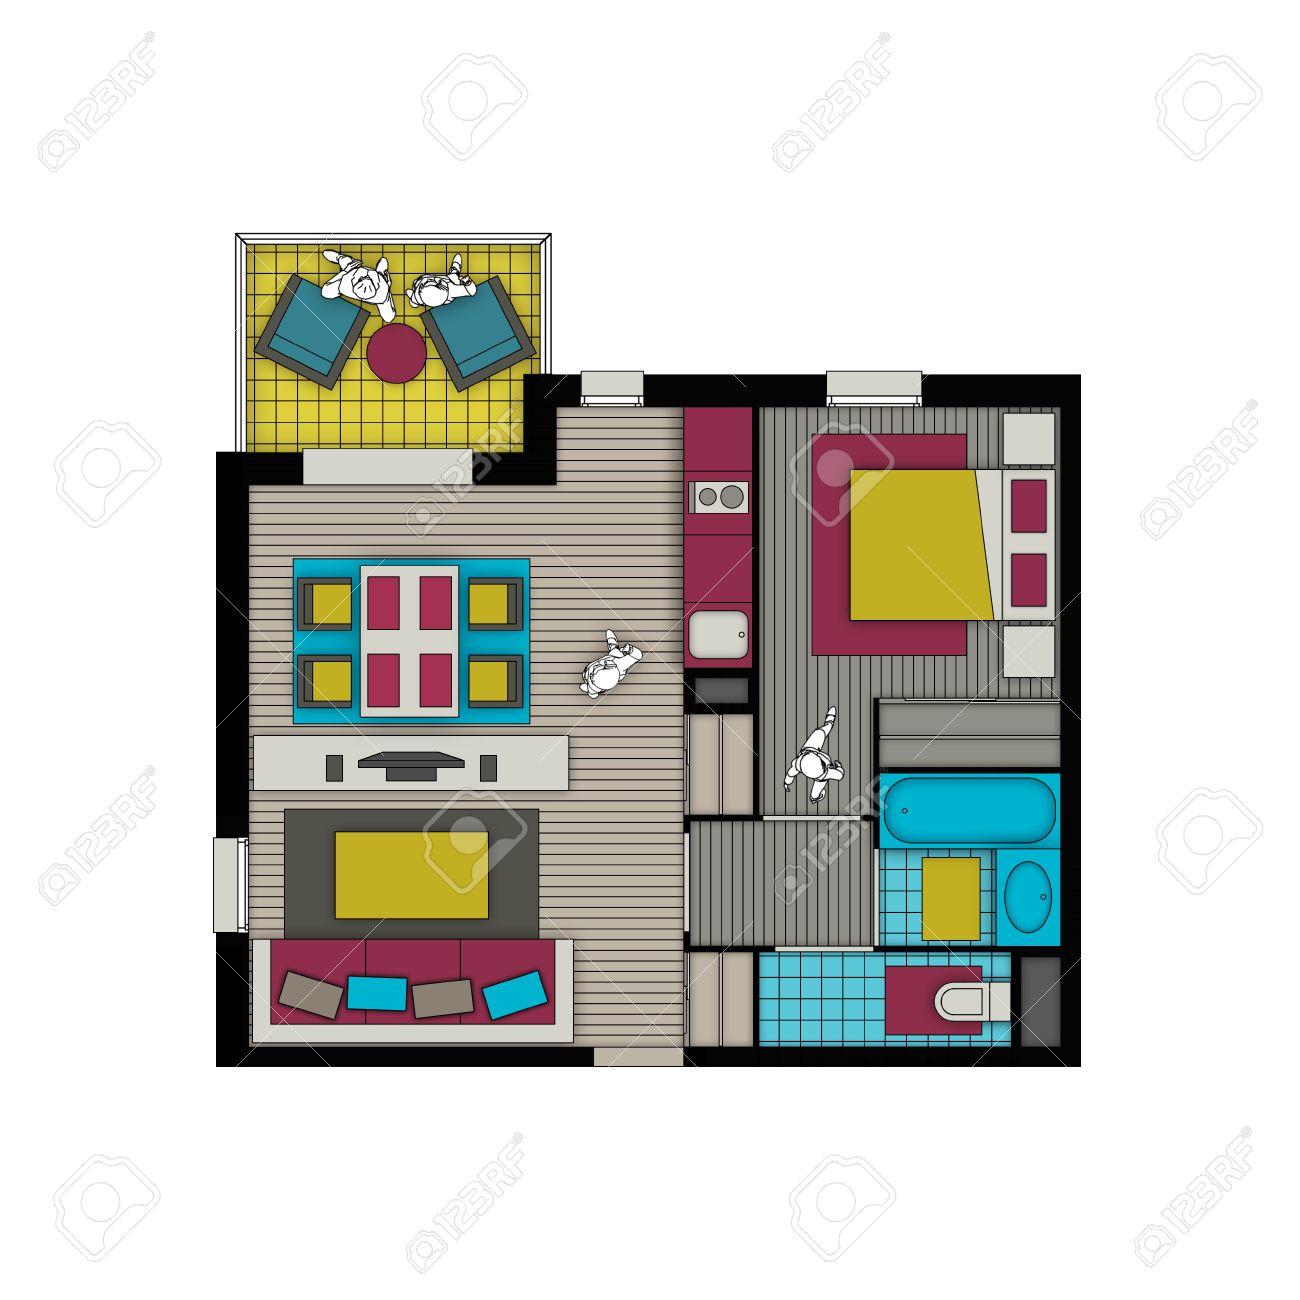 Draufsicht Innere Einer Kleinen Zwei Zimmer Wohnung Mit Wohnzimmer ...